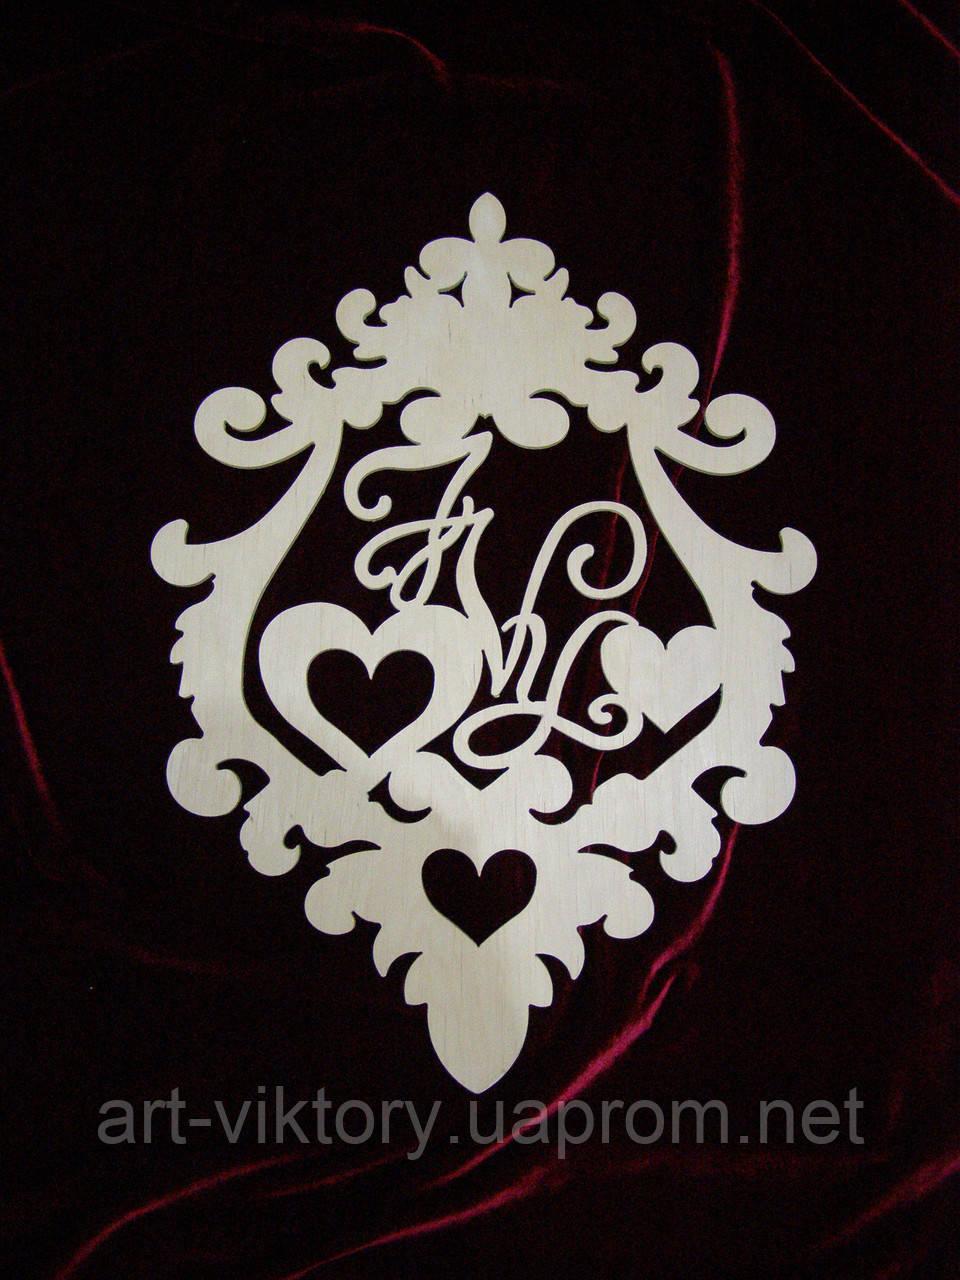 Весільний герб-рамка з иннициалами (50 х 36,5 см), декор